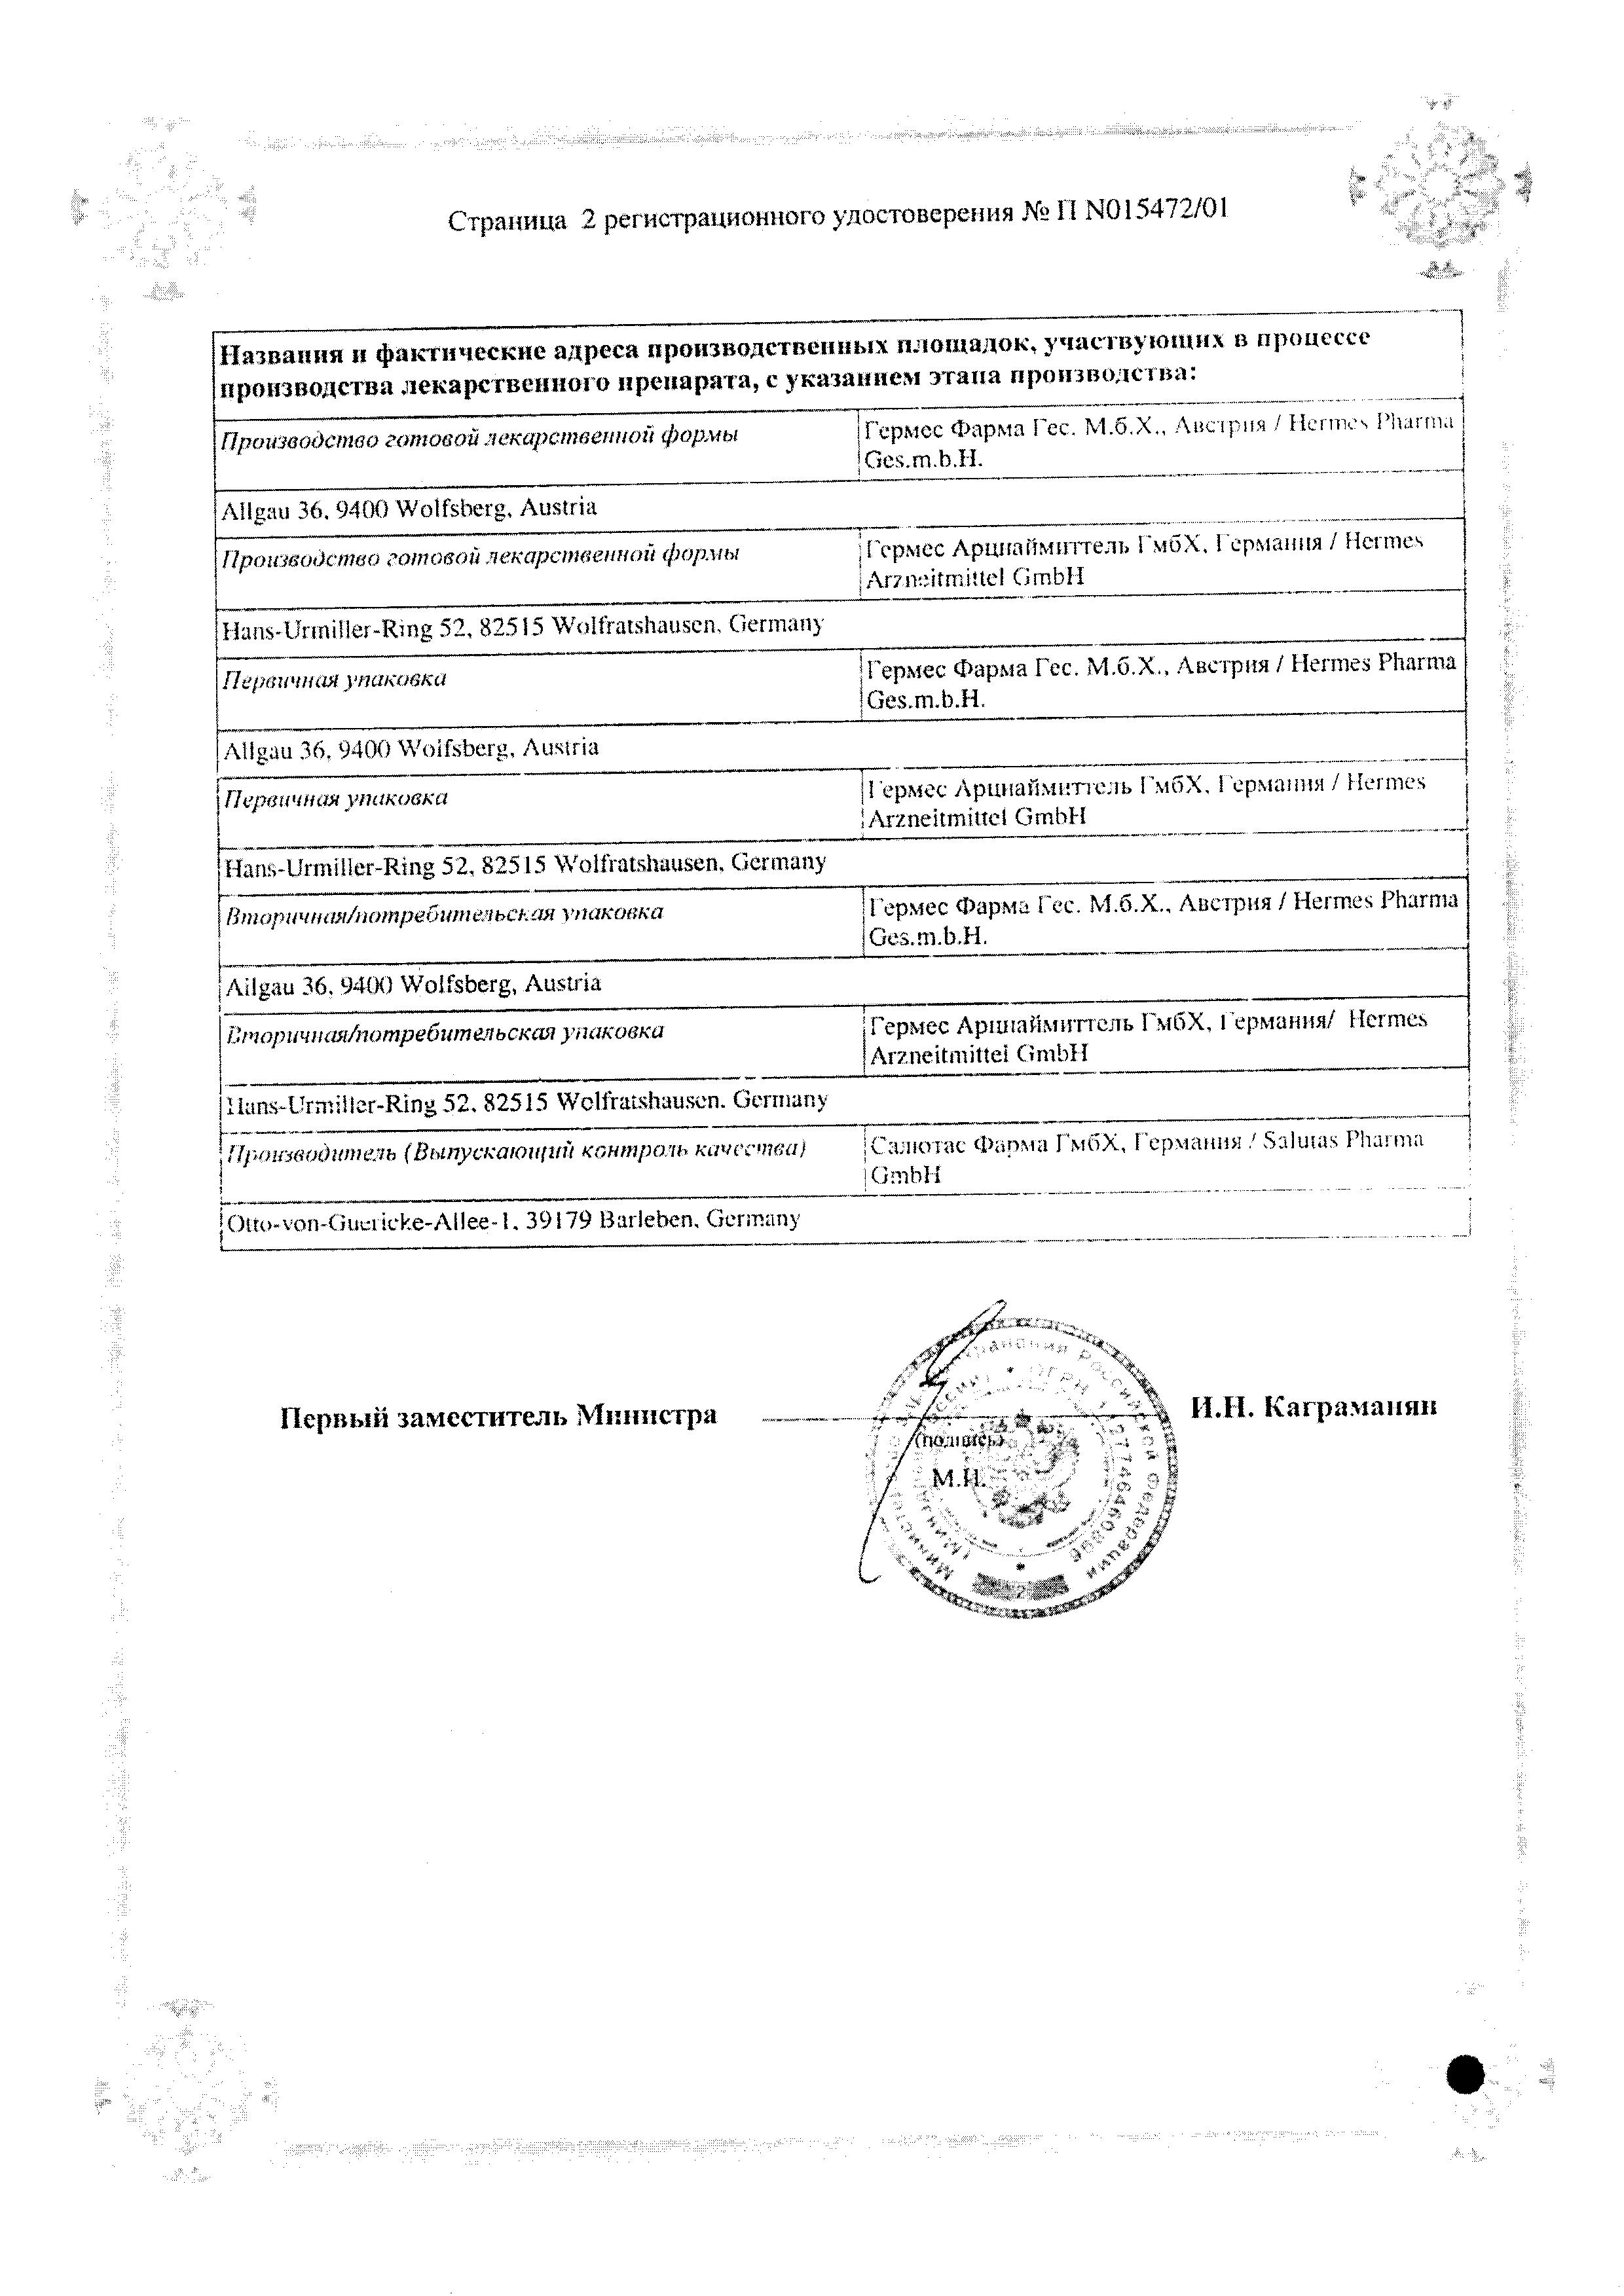 АЦЦ 100 сертификат